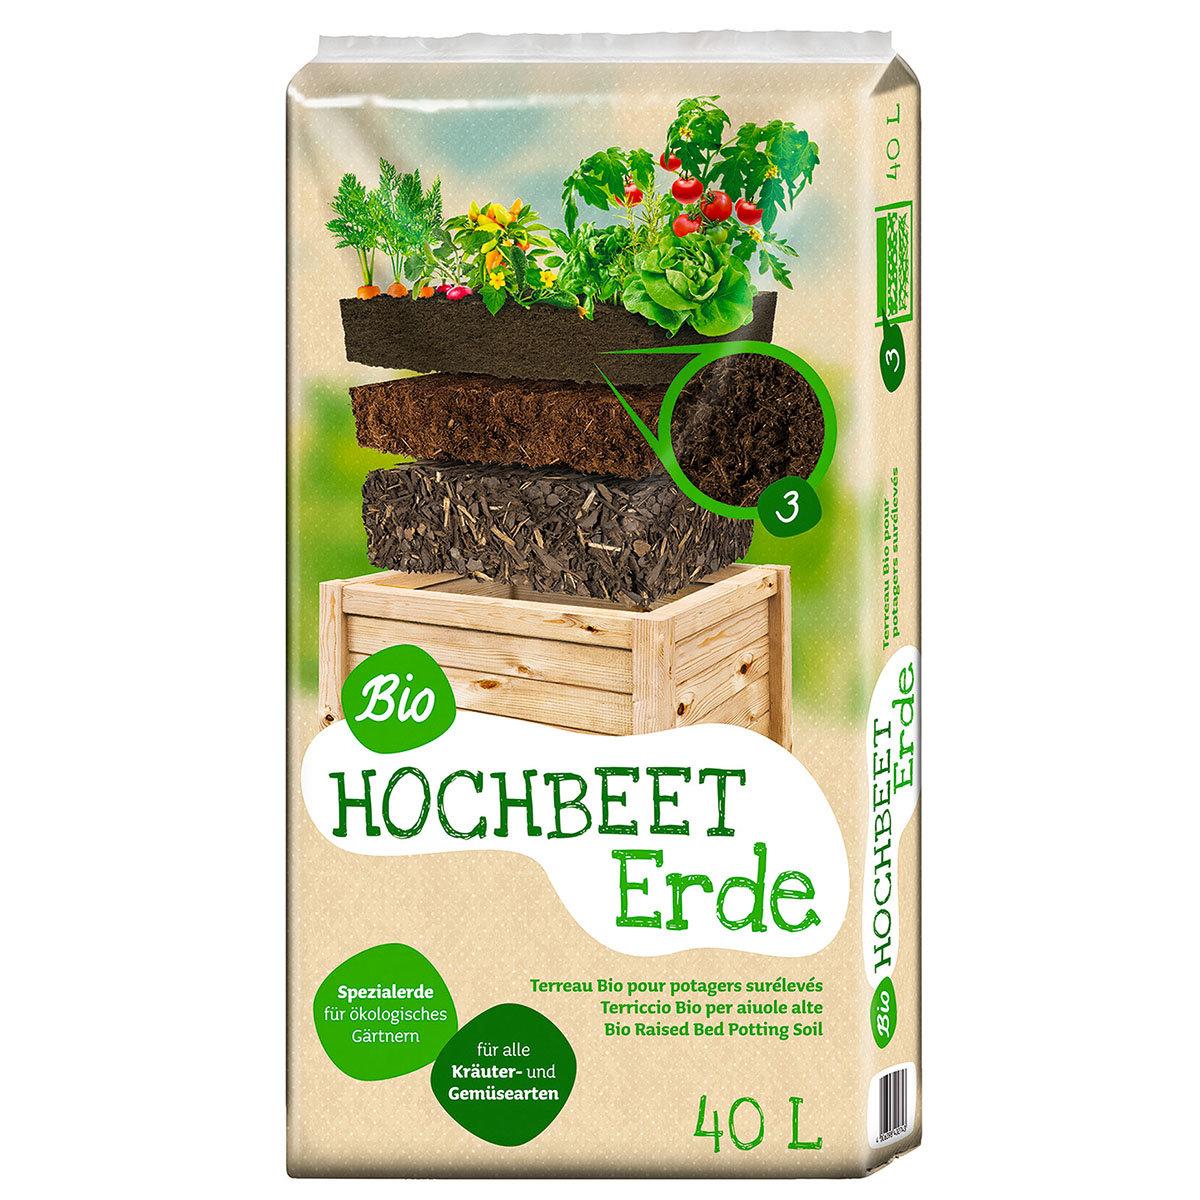 Bio Hochbeeterde, 40 Liter